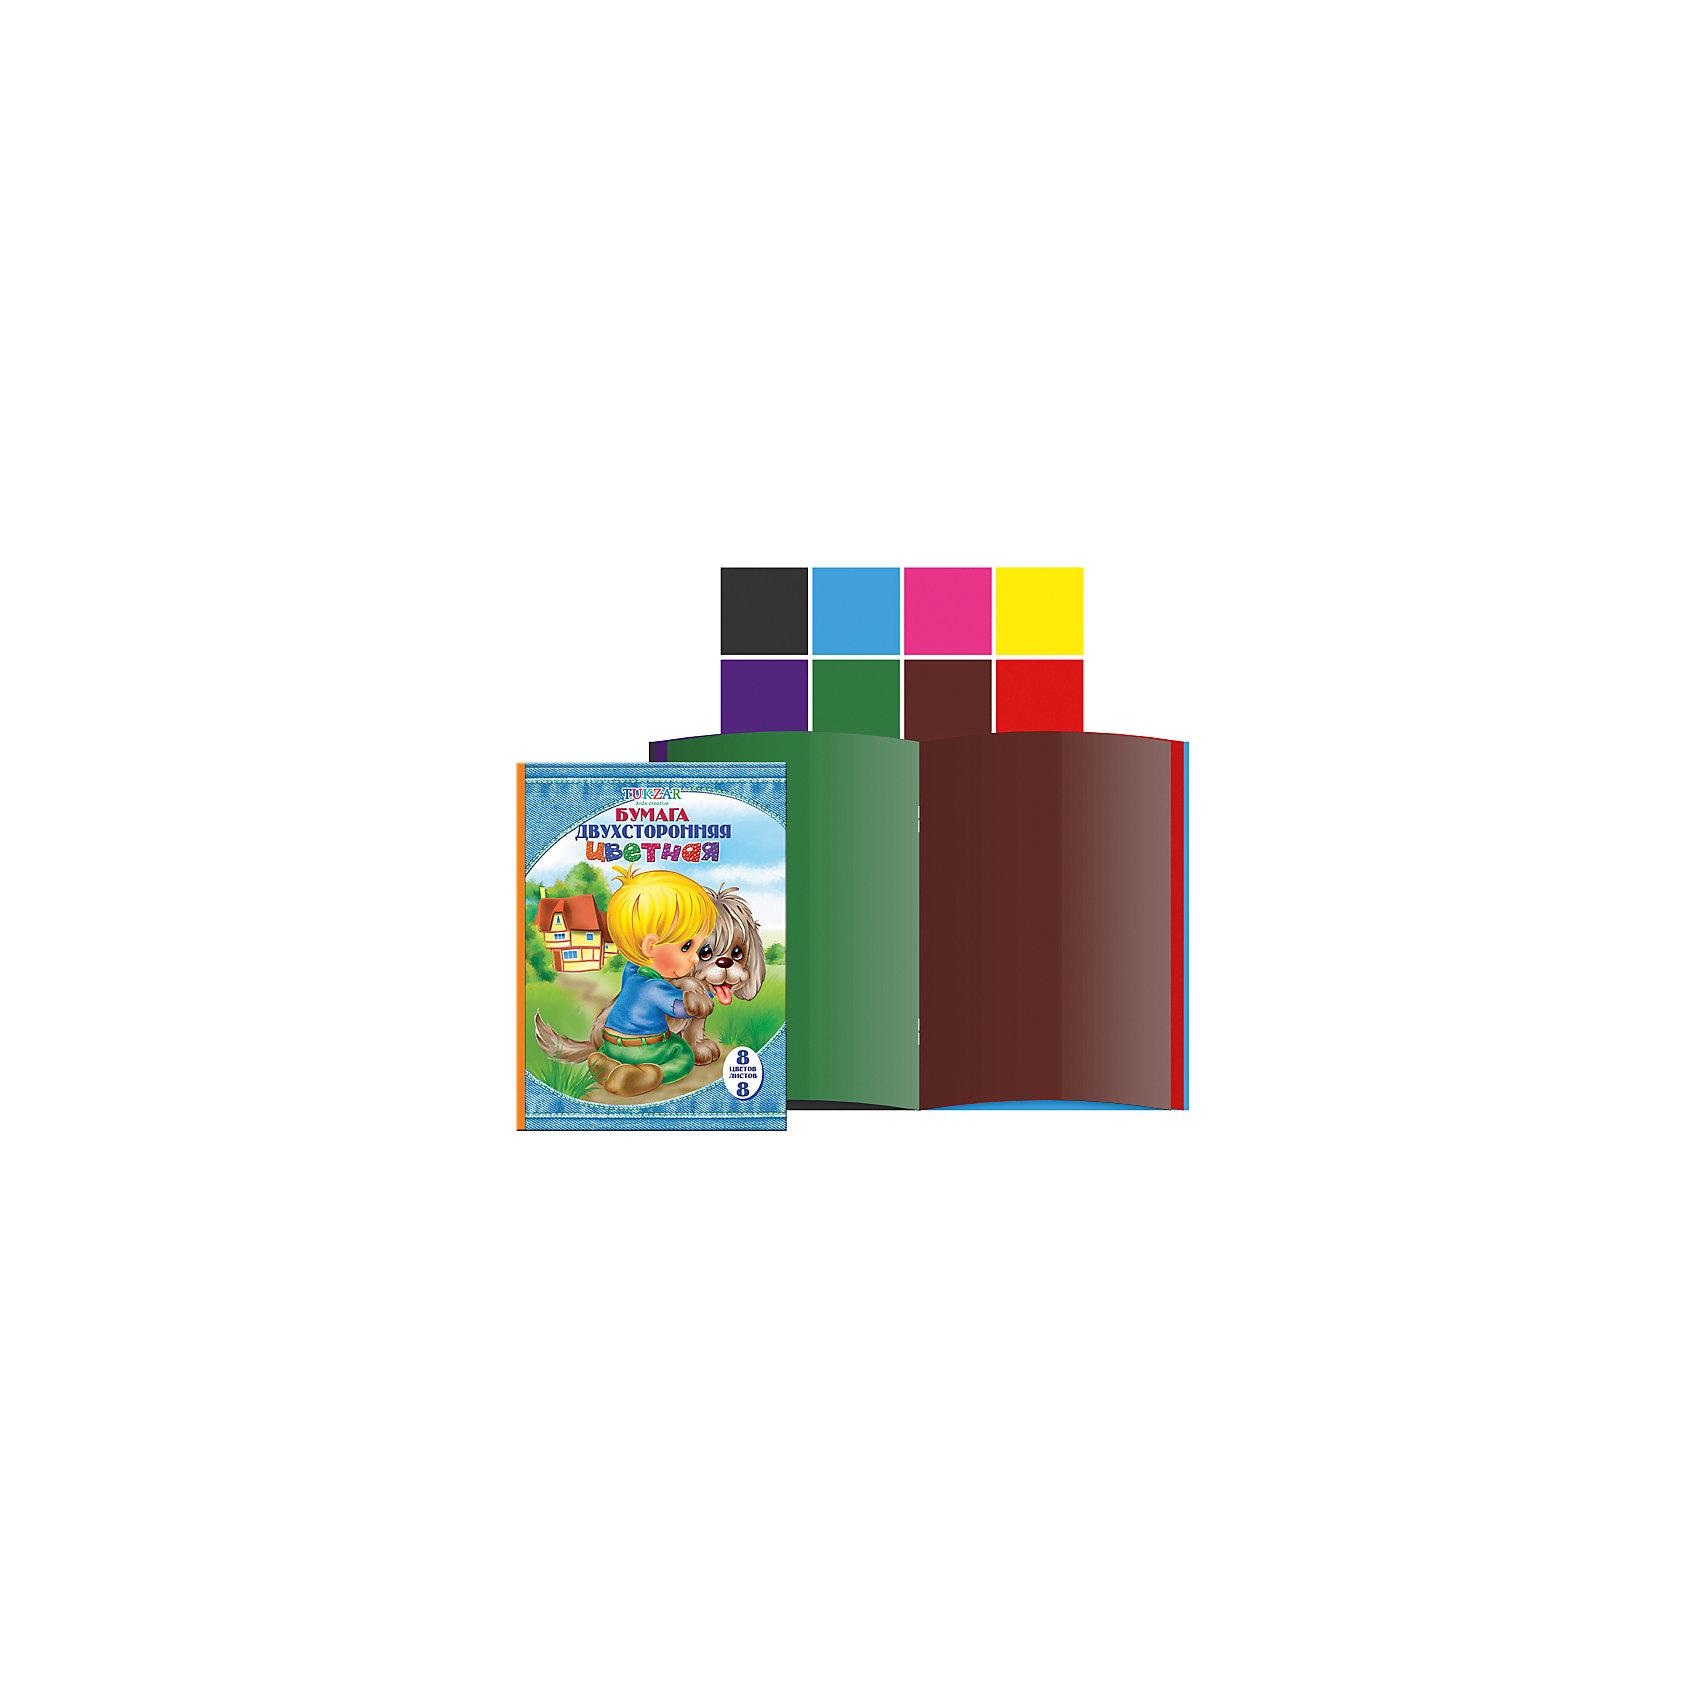 TUKZAR Двусторонняя цветная бумага А4, 8 цветов, 8 листов канцелярия спейс цветная бумага самоклеящаяся а4 10 цветов в папке 10 листов